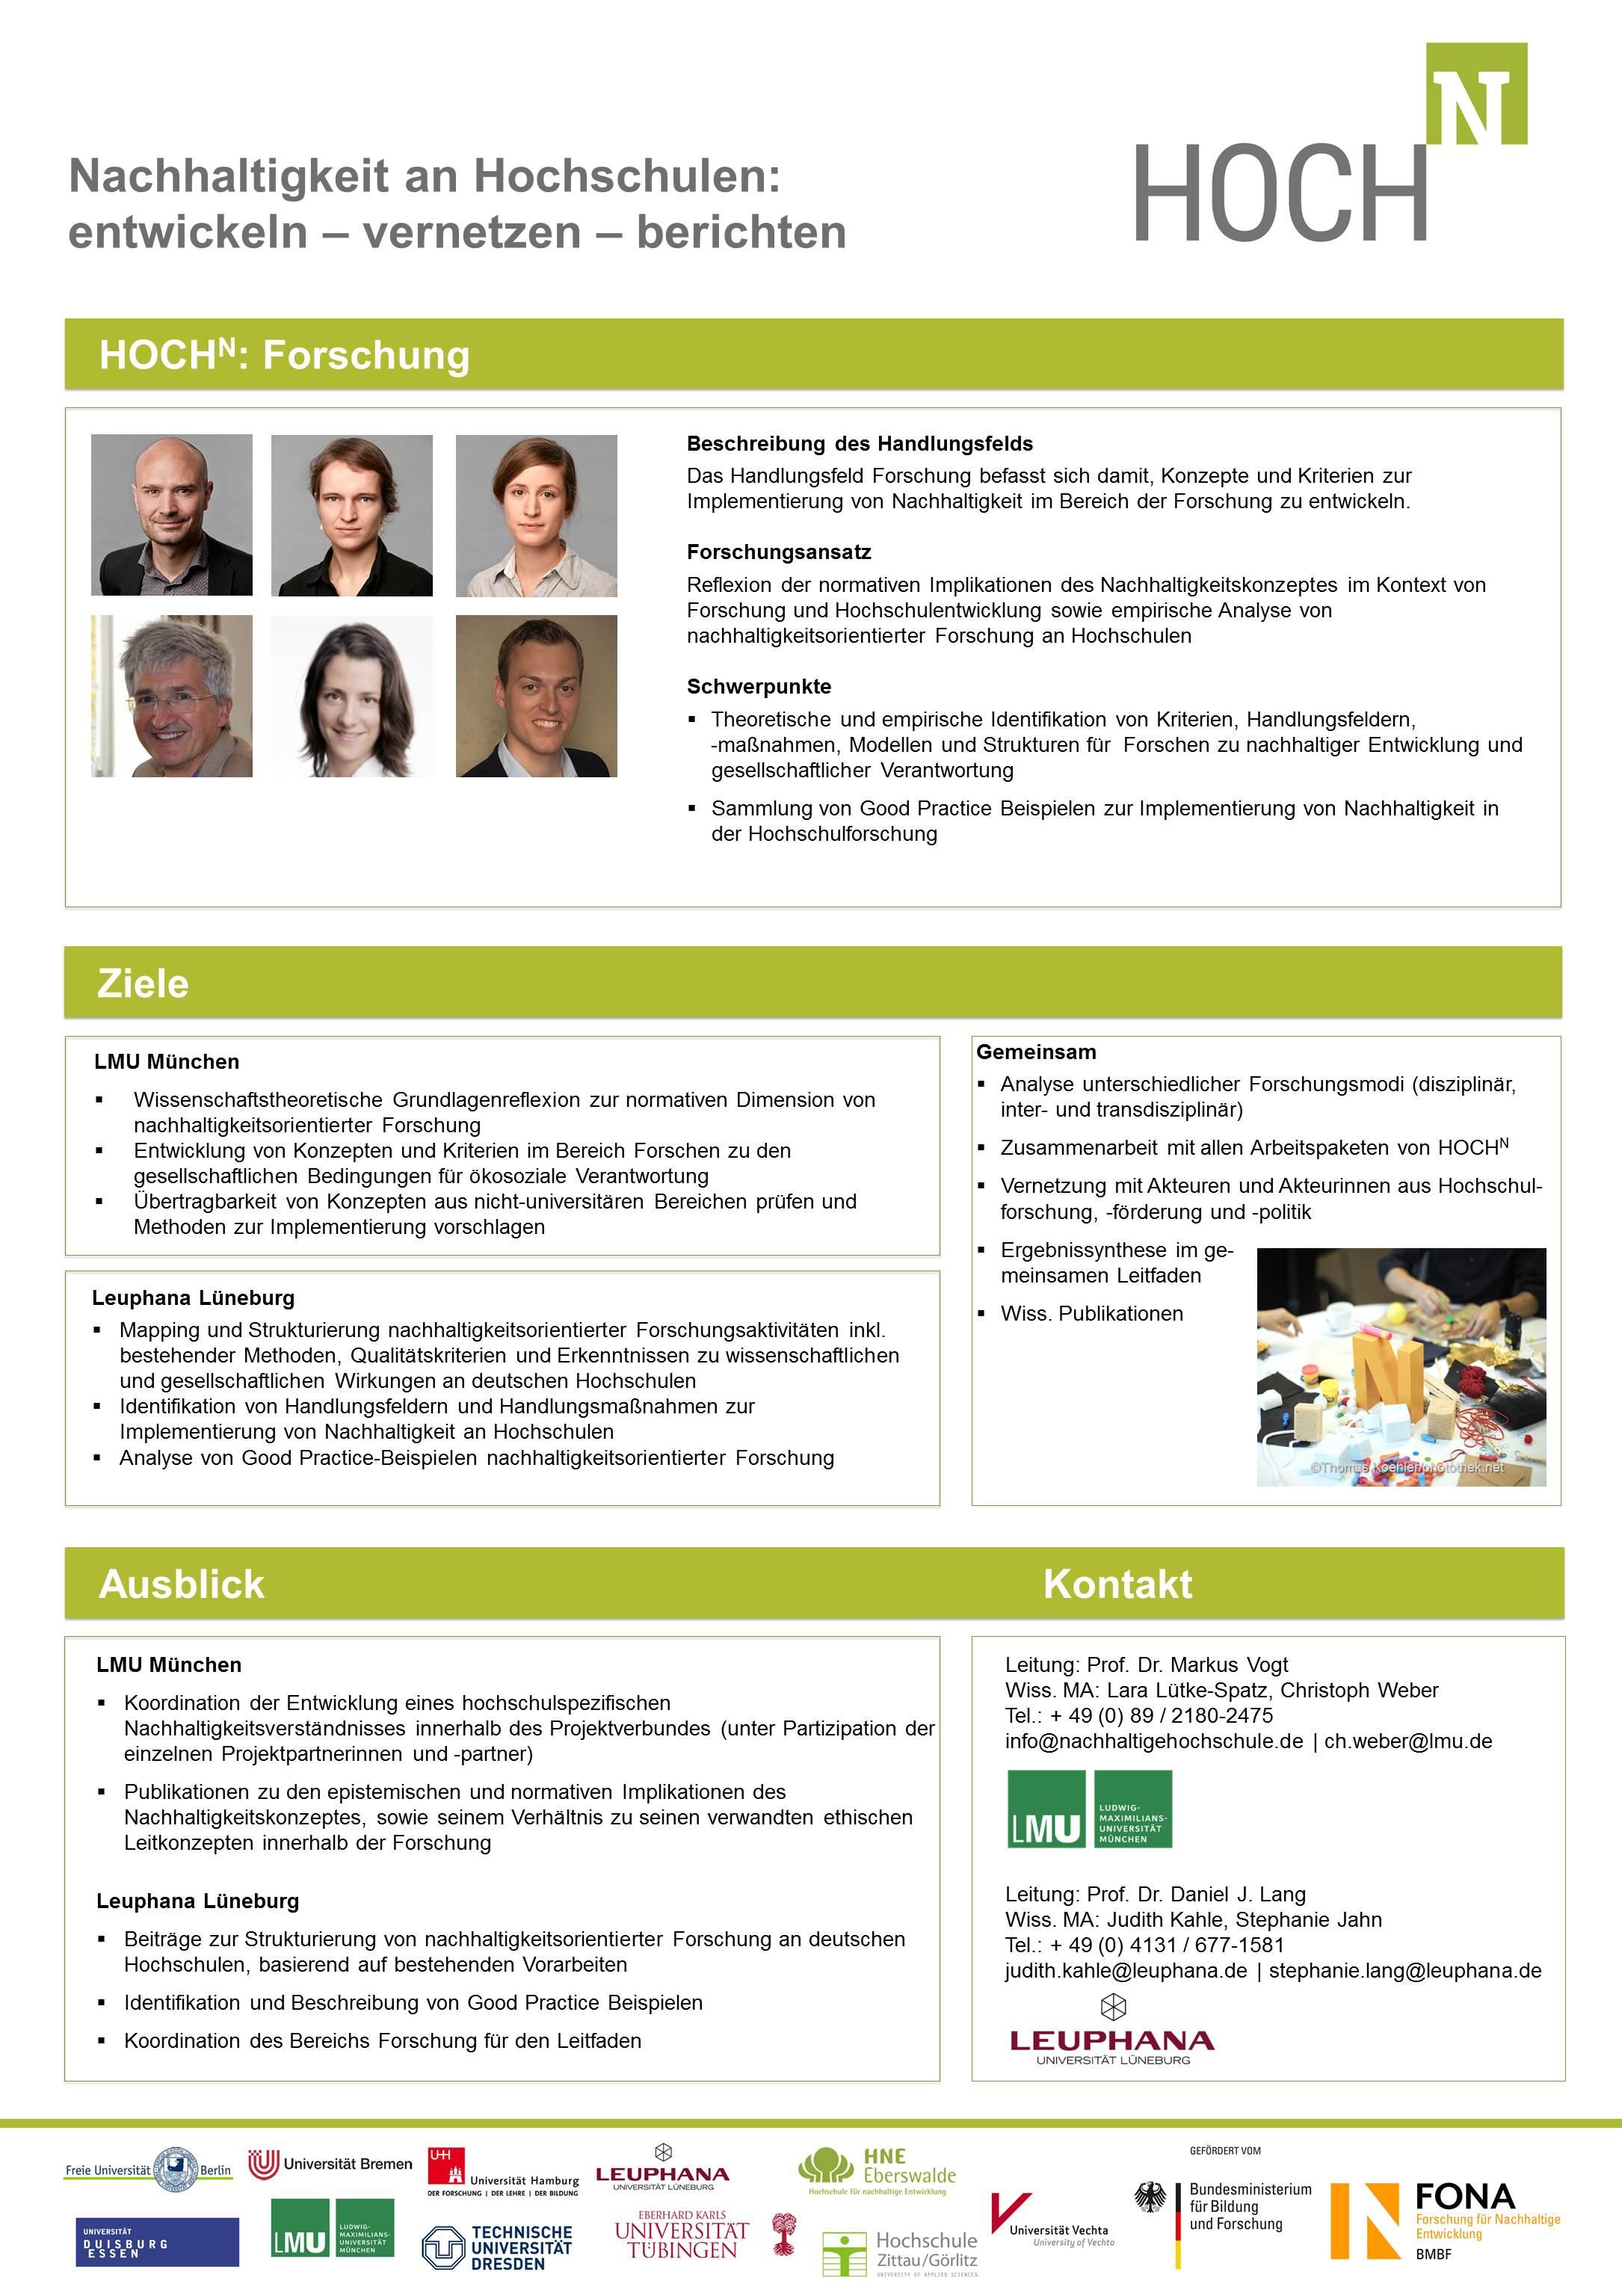 Niedlich Forschung Poster Präsentationsvorlage Fotos - Beispiel ...